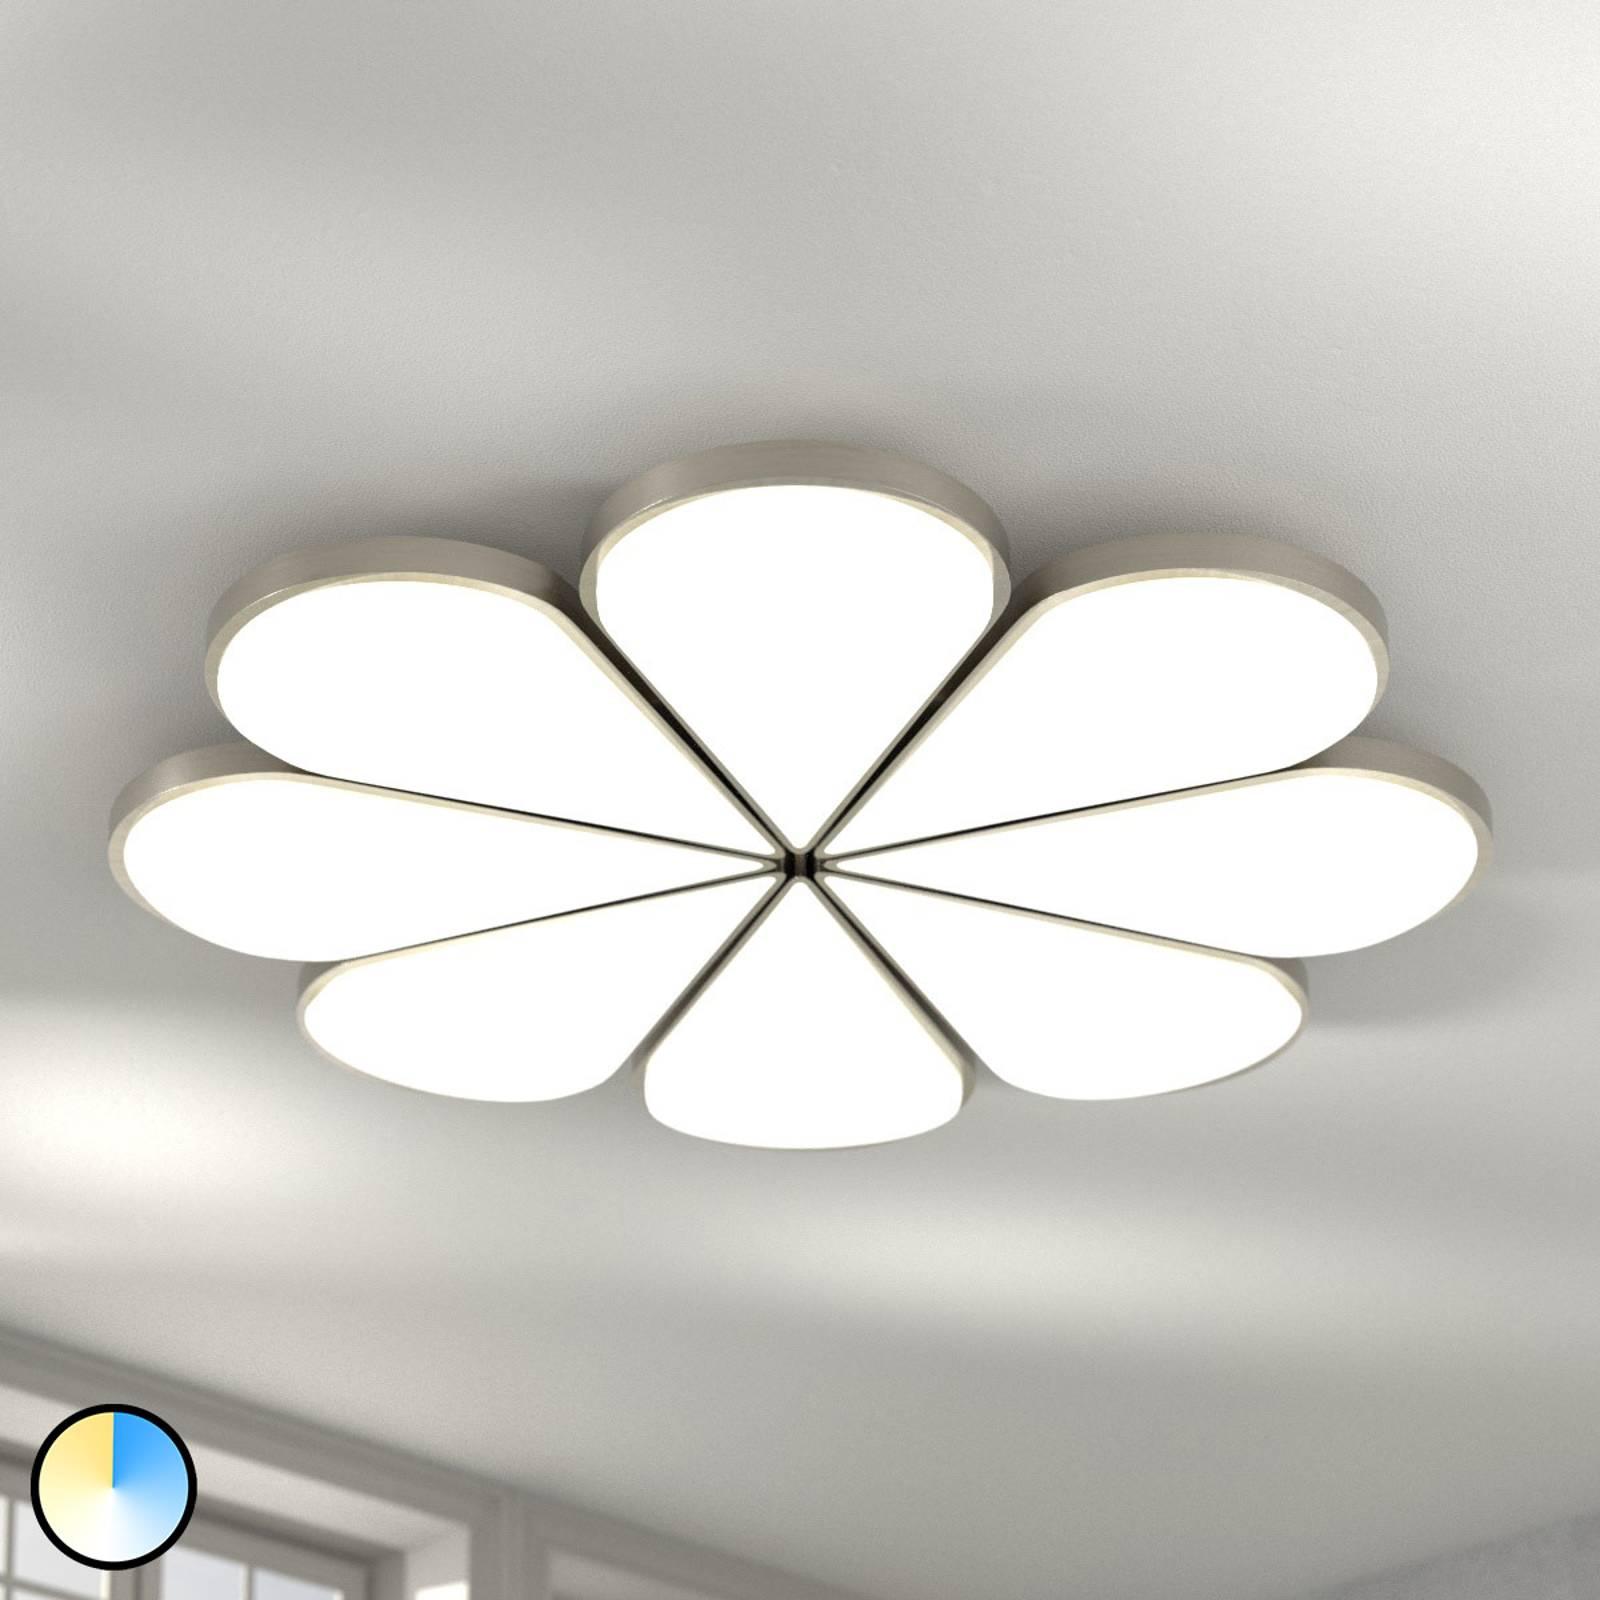 B-Leuchten Flower LED-kattovalaisin CCT, Ø 81 cm